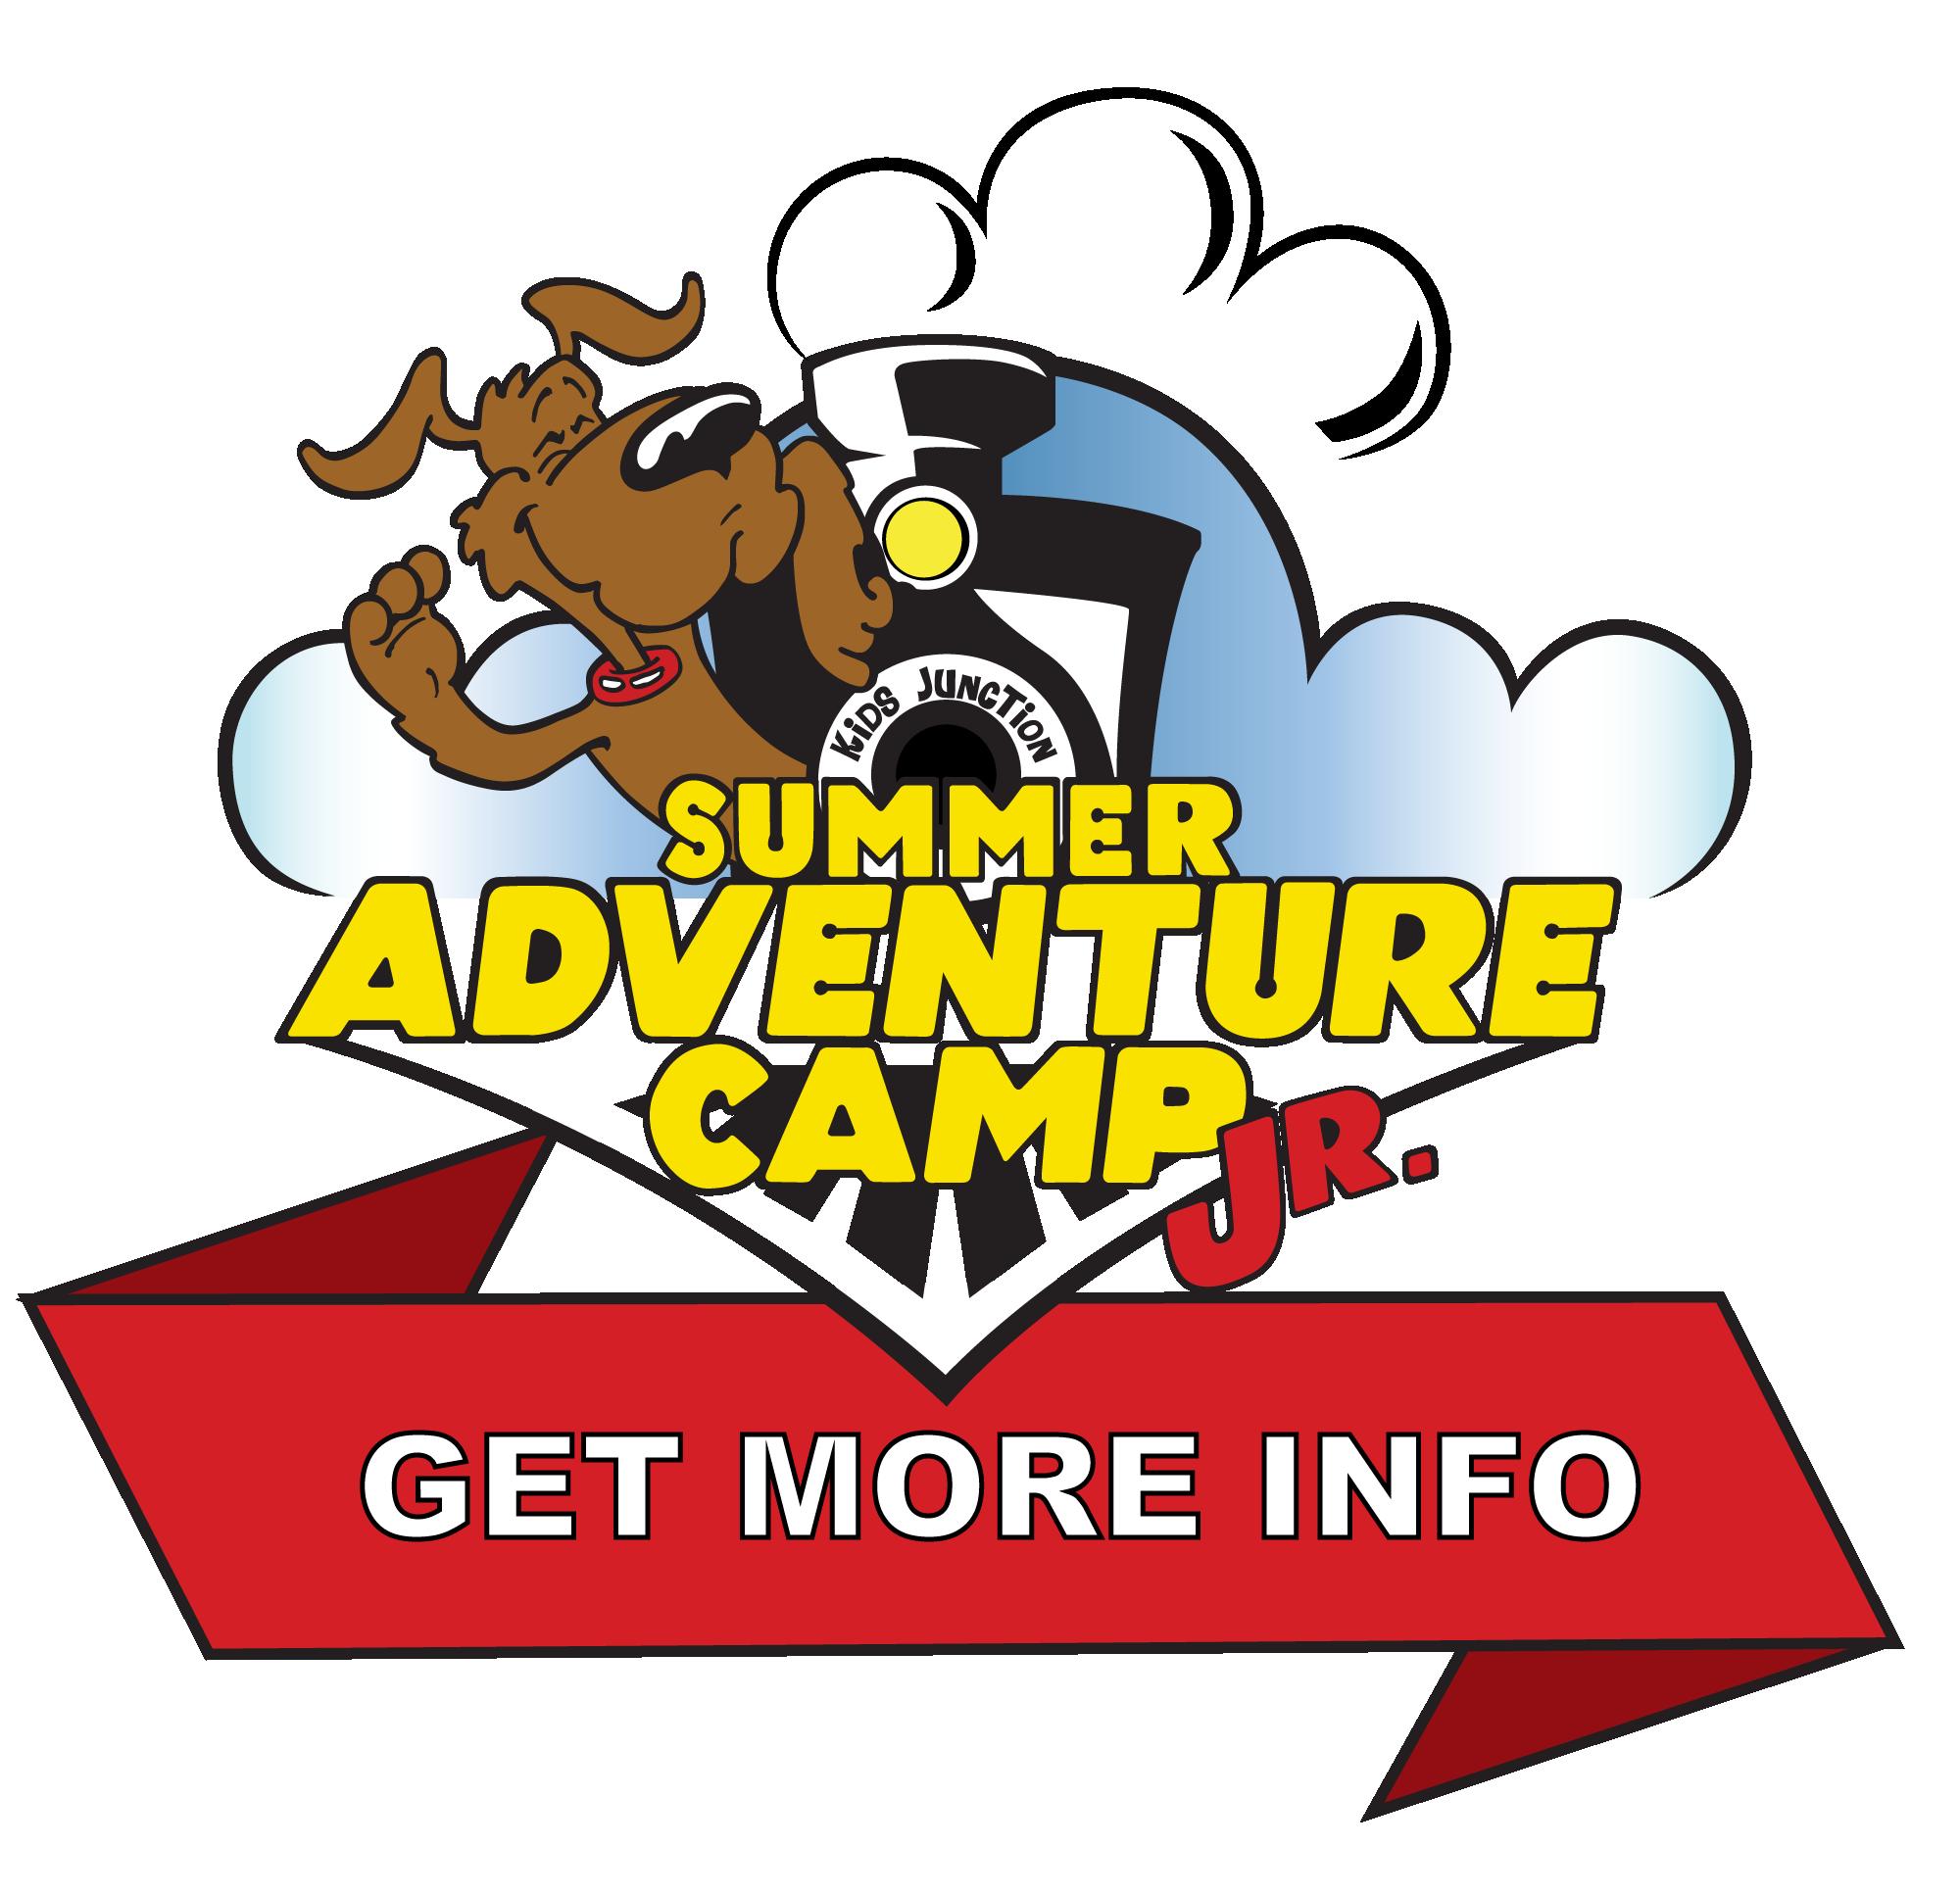 Summer Adventure Camp Jr Get More Information